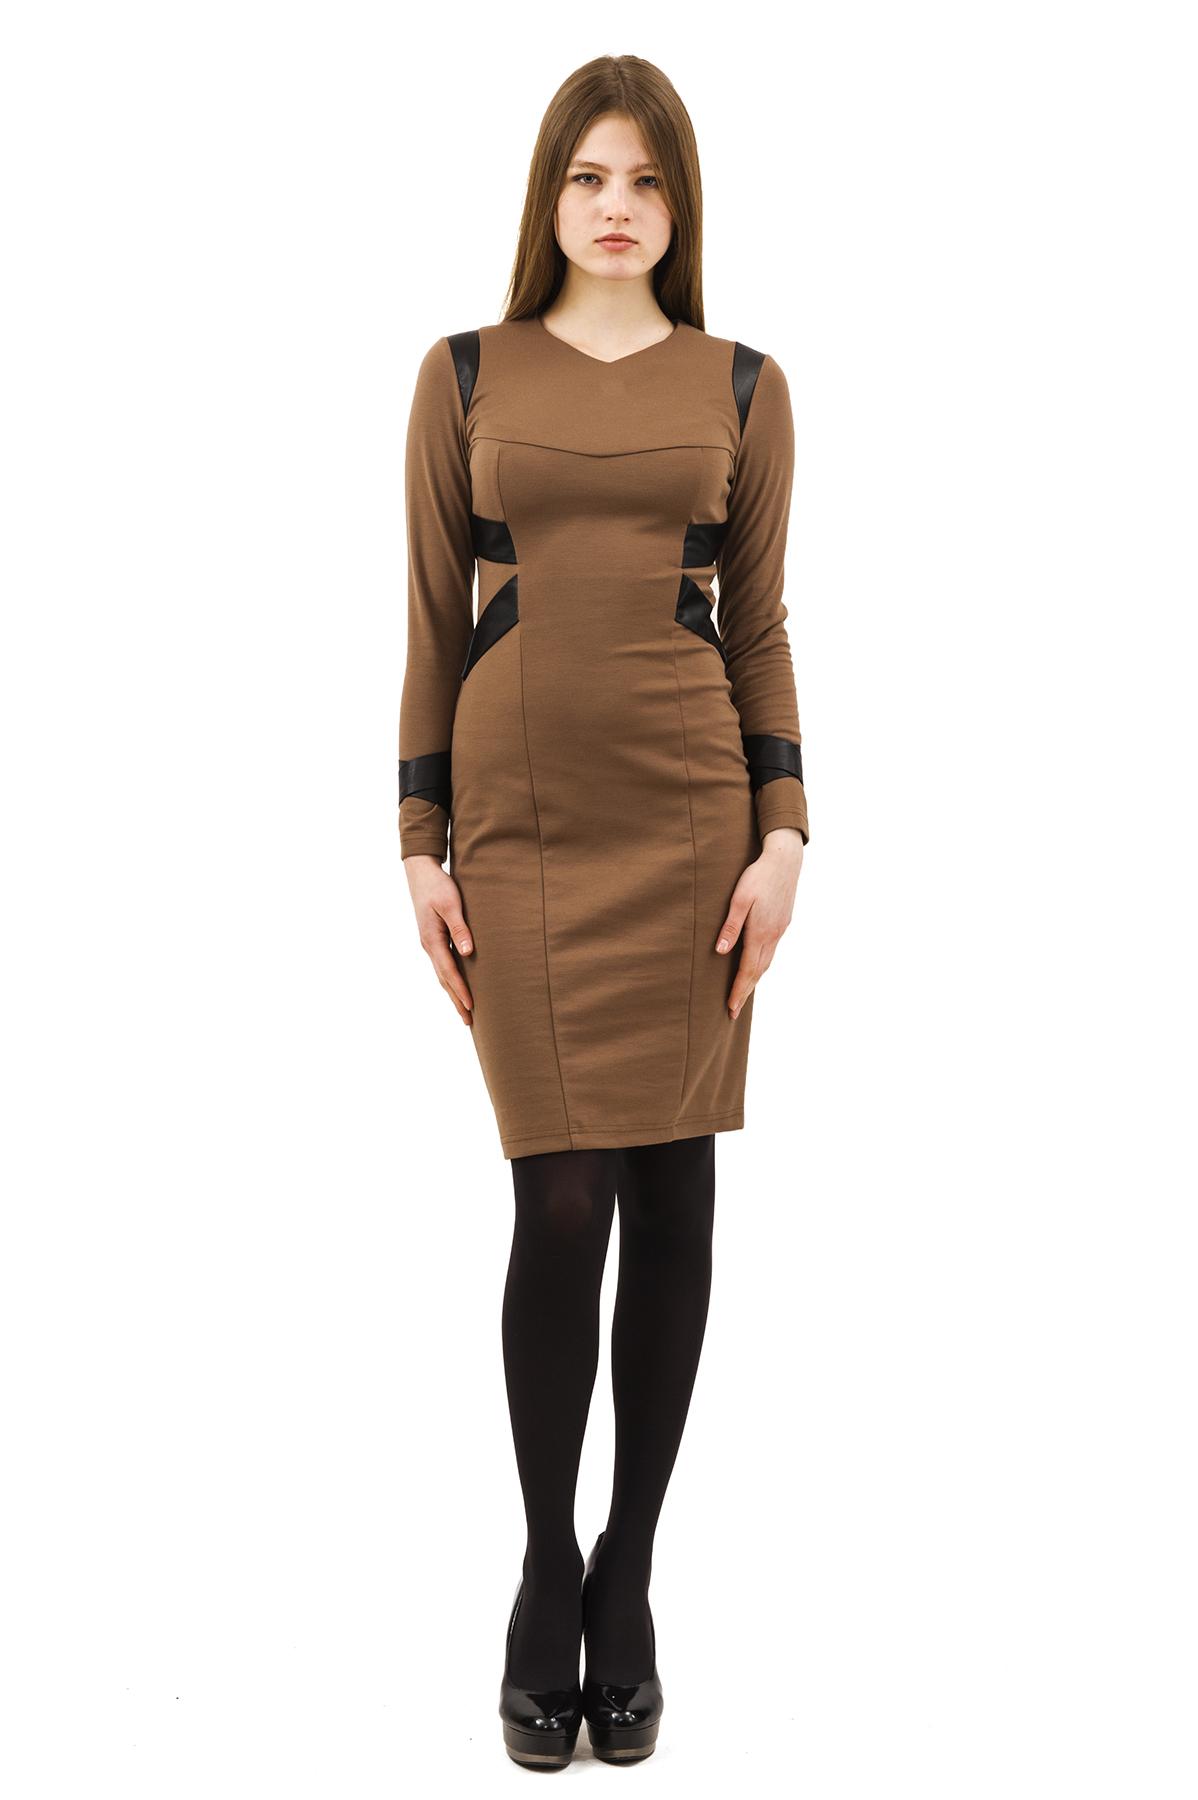 ПлатьеПлатья,  сарафаны<br>Изумительное платье яркой расцветки и оригинального дизайна не оставит Вас незамеченной среди окружающих.<br><br>Цвет: коричневый<br>Состав: 60% вискоза, 35% полиэстер, 5% лайкра<br>Размер: 40,42,44,46,48,50,52,54,56,58<br>Страна дизайна: Россия<br>Страна производства: Россия